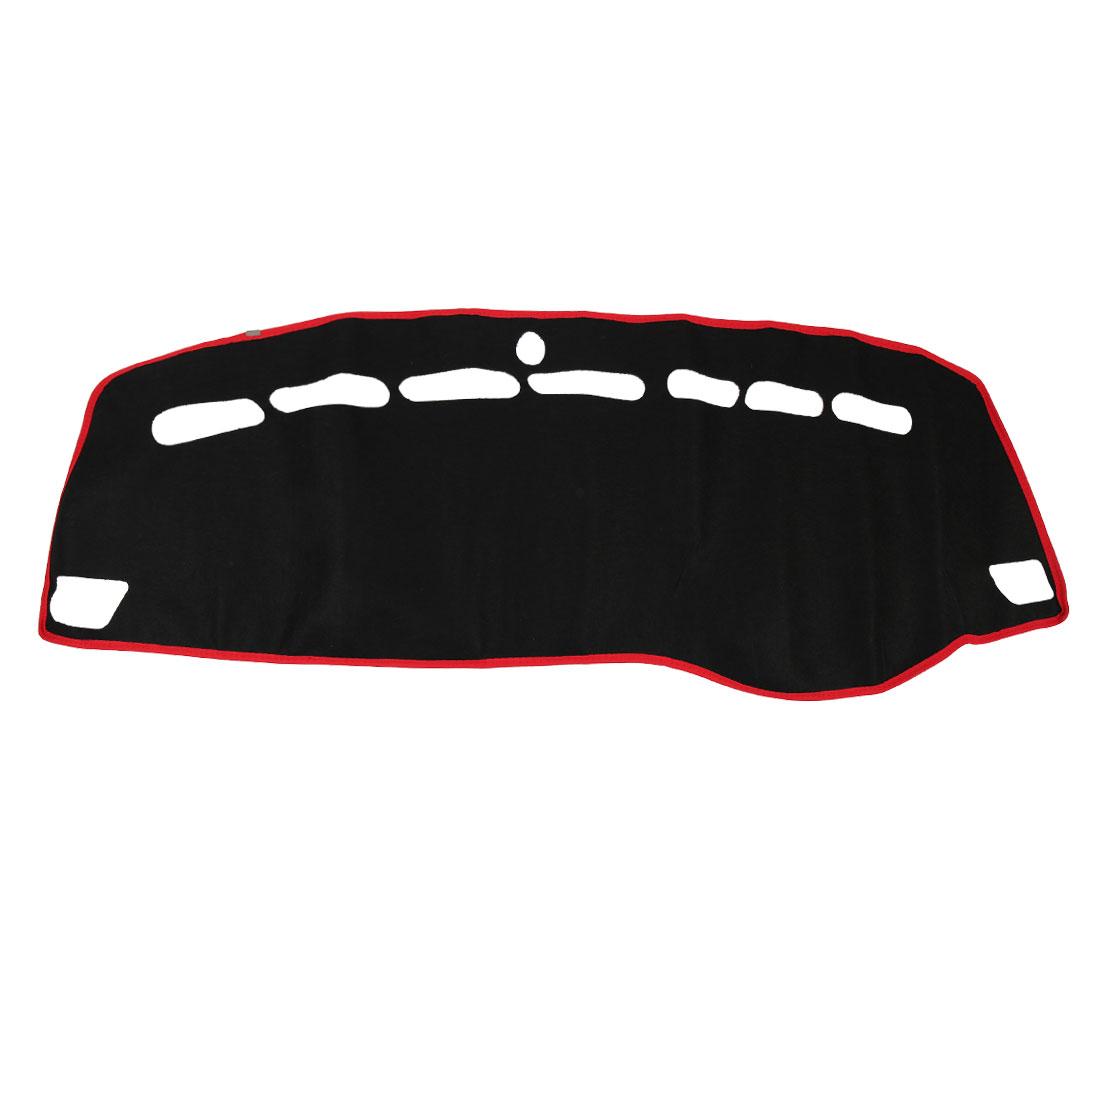 Car Inner Dashboard Cover Dash Mat Carpet Pad Protector for 2017 SGMW Baojun 730 - image 4 of 5